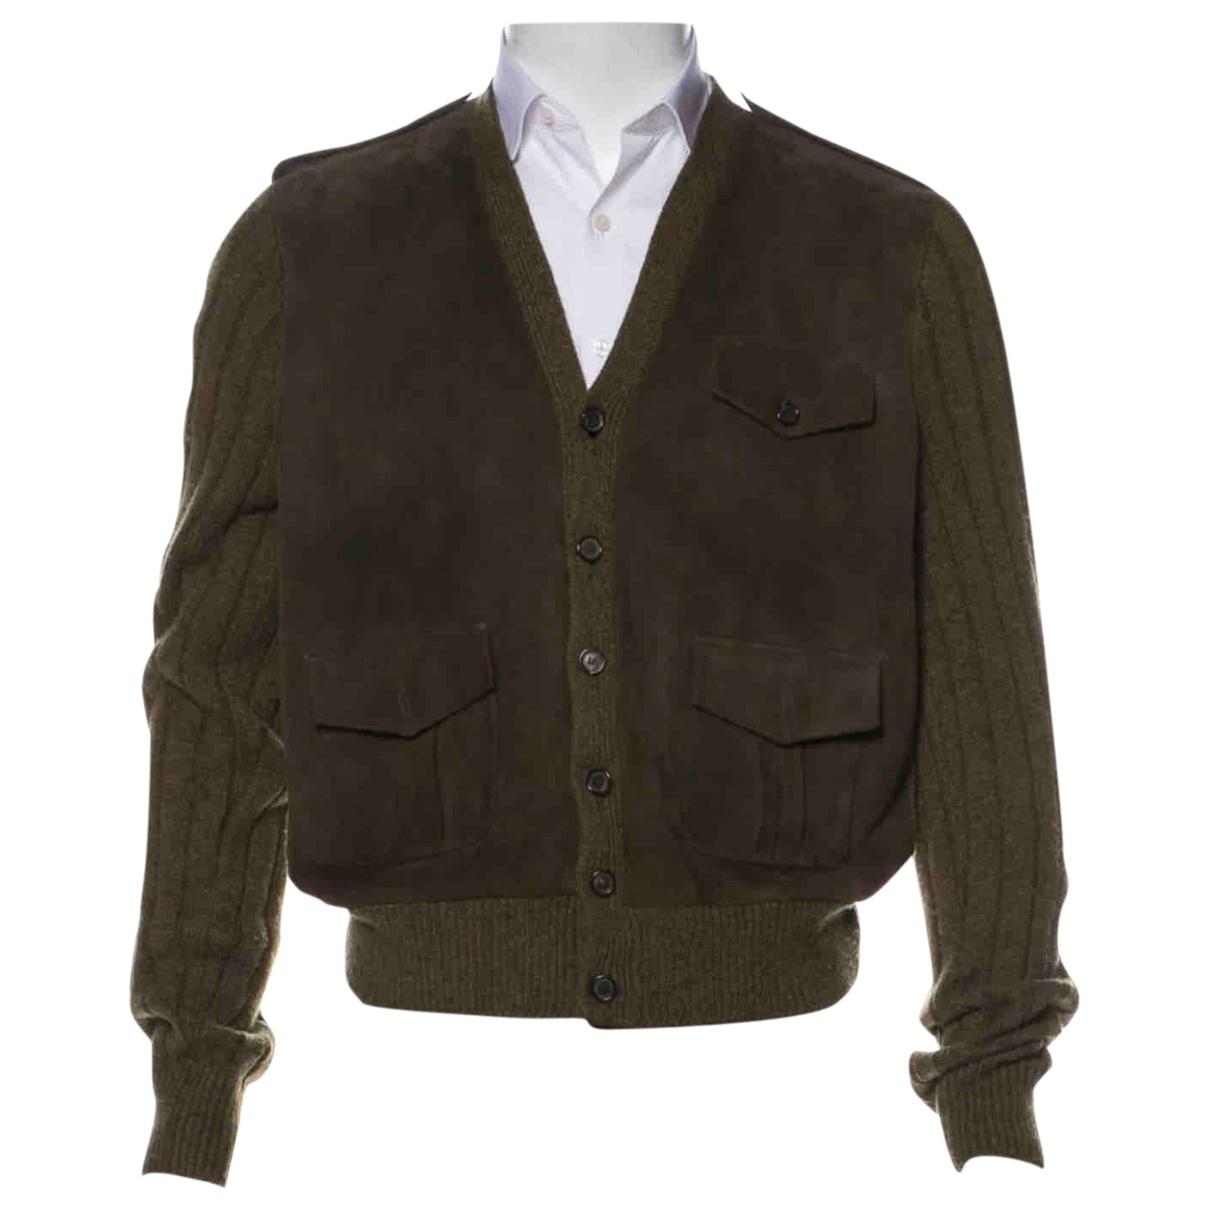 Ralph Lauren Collection \N Jacke in  Khaki Veloursleder